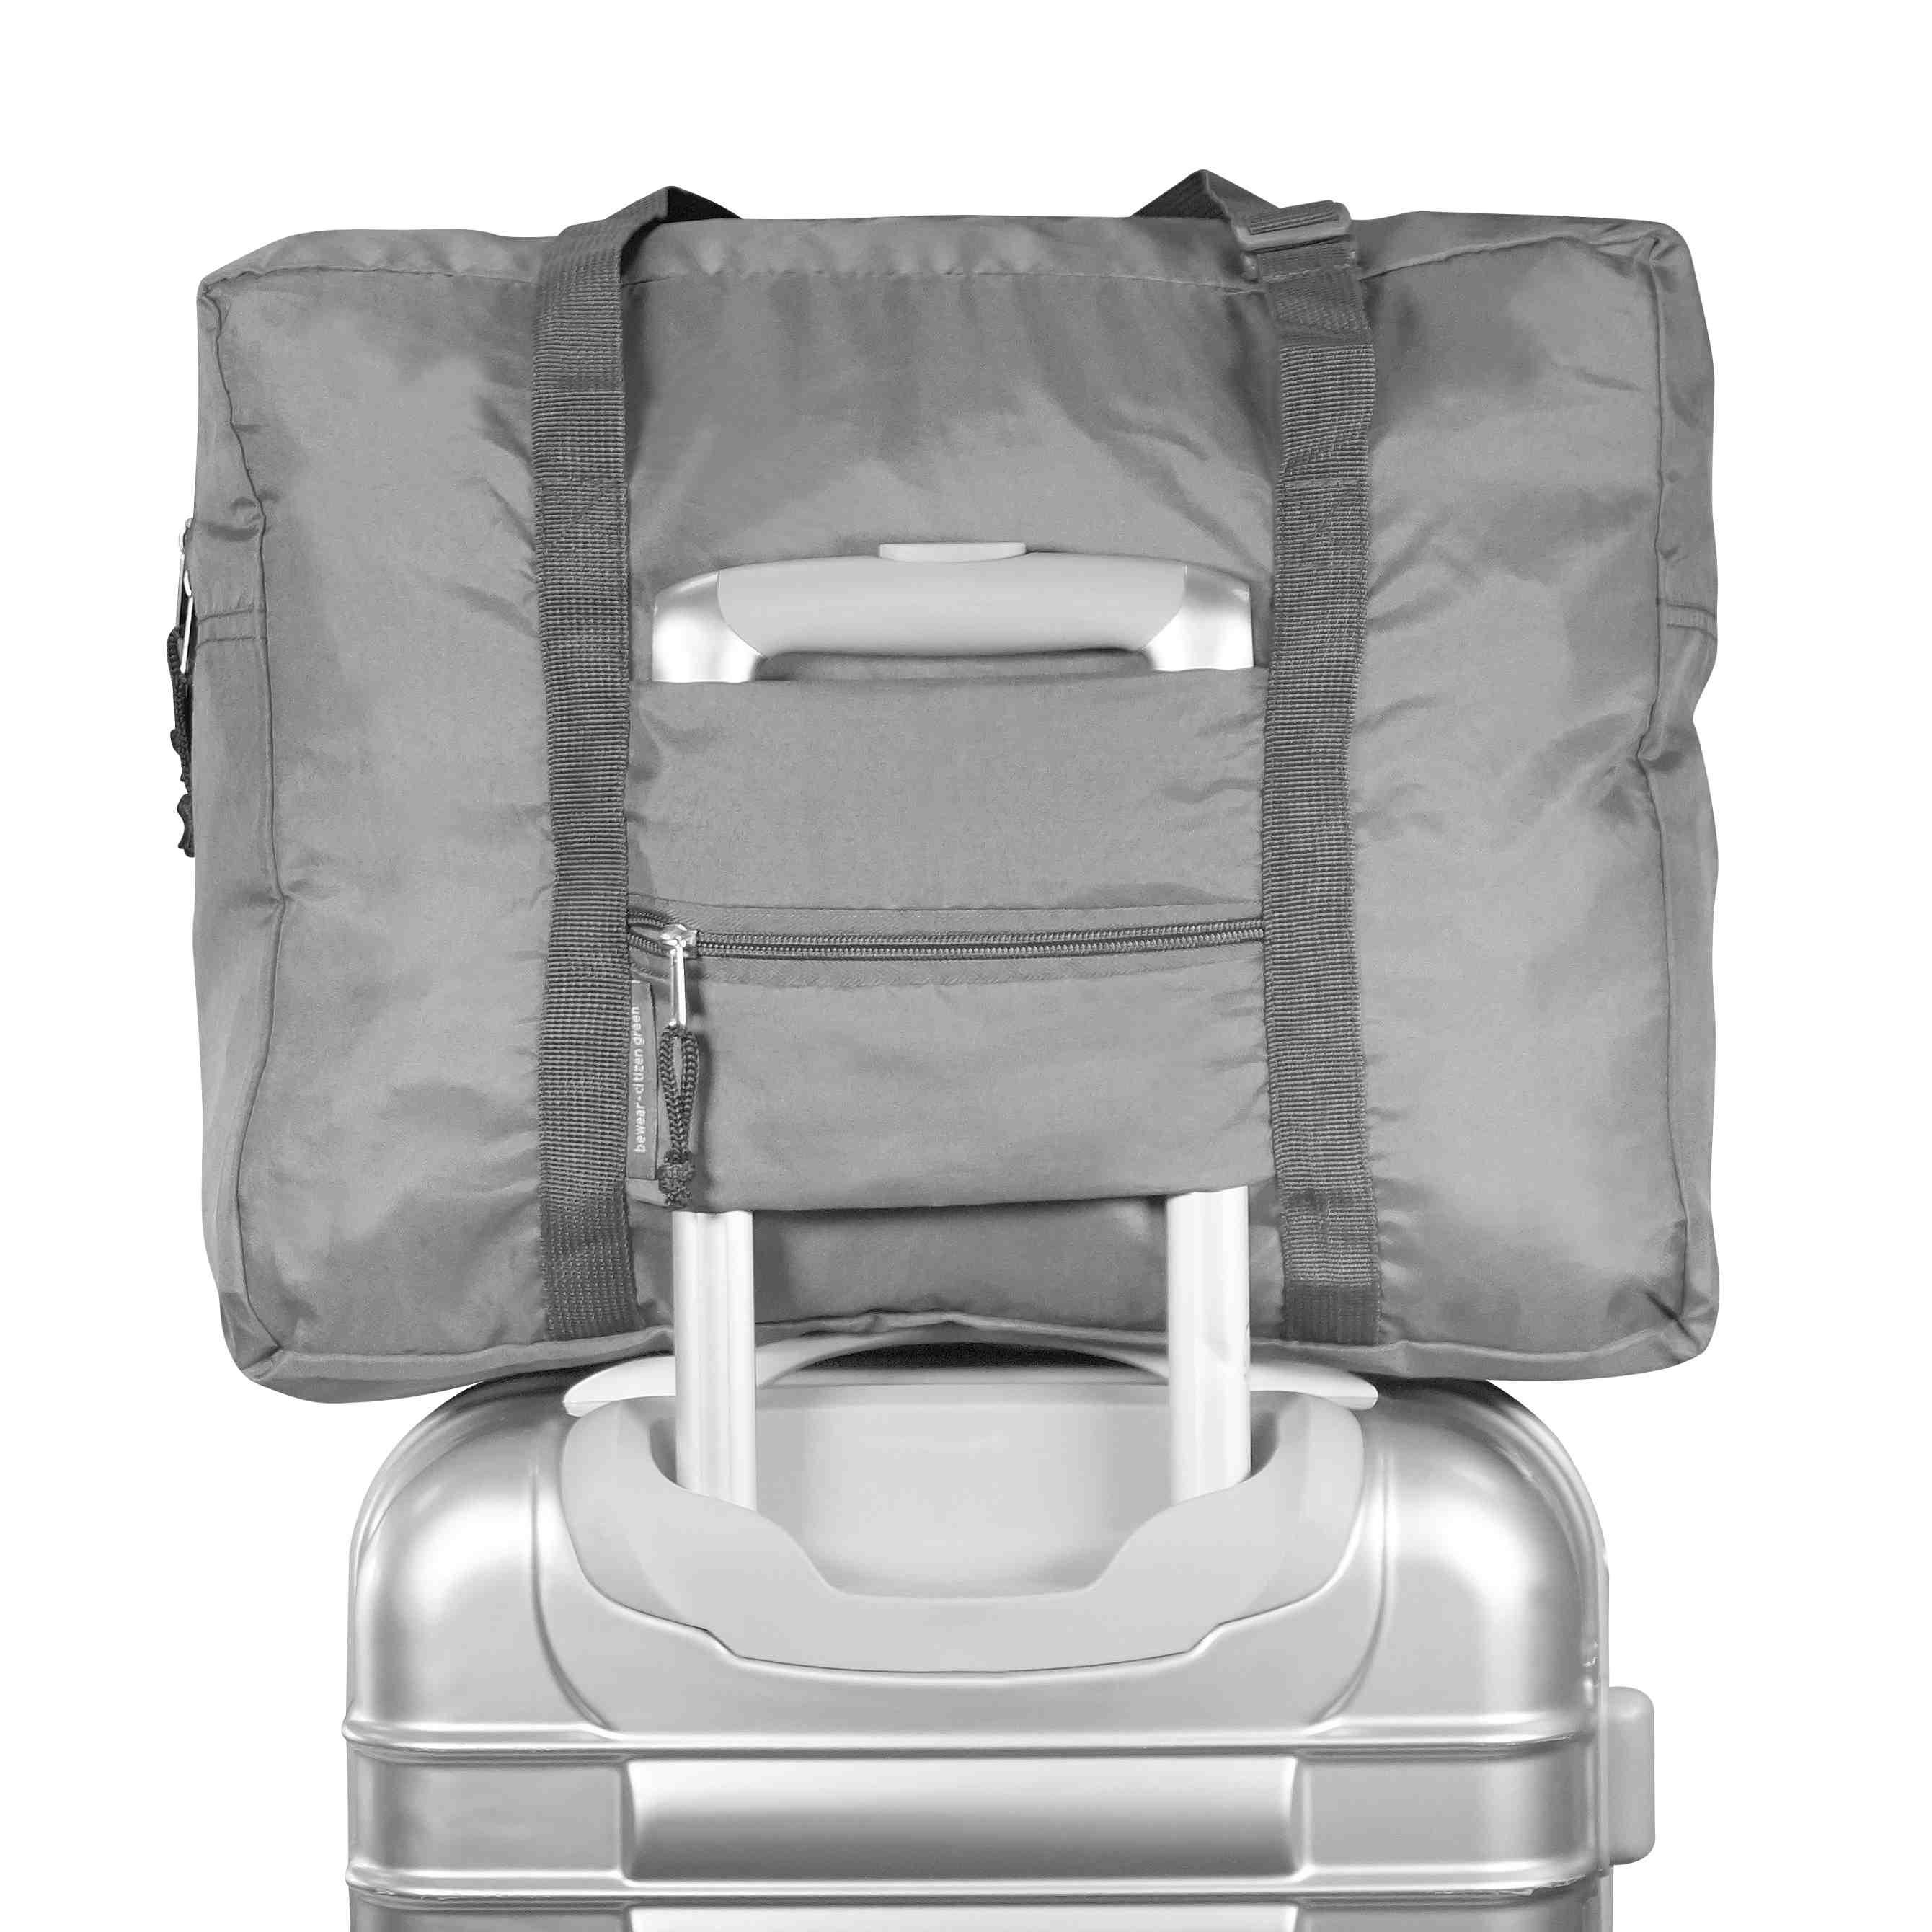 Sac de voyage personnalisable écologique Keyfly gris - sac de voyage publicitaire